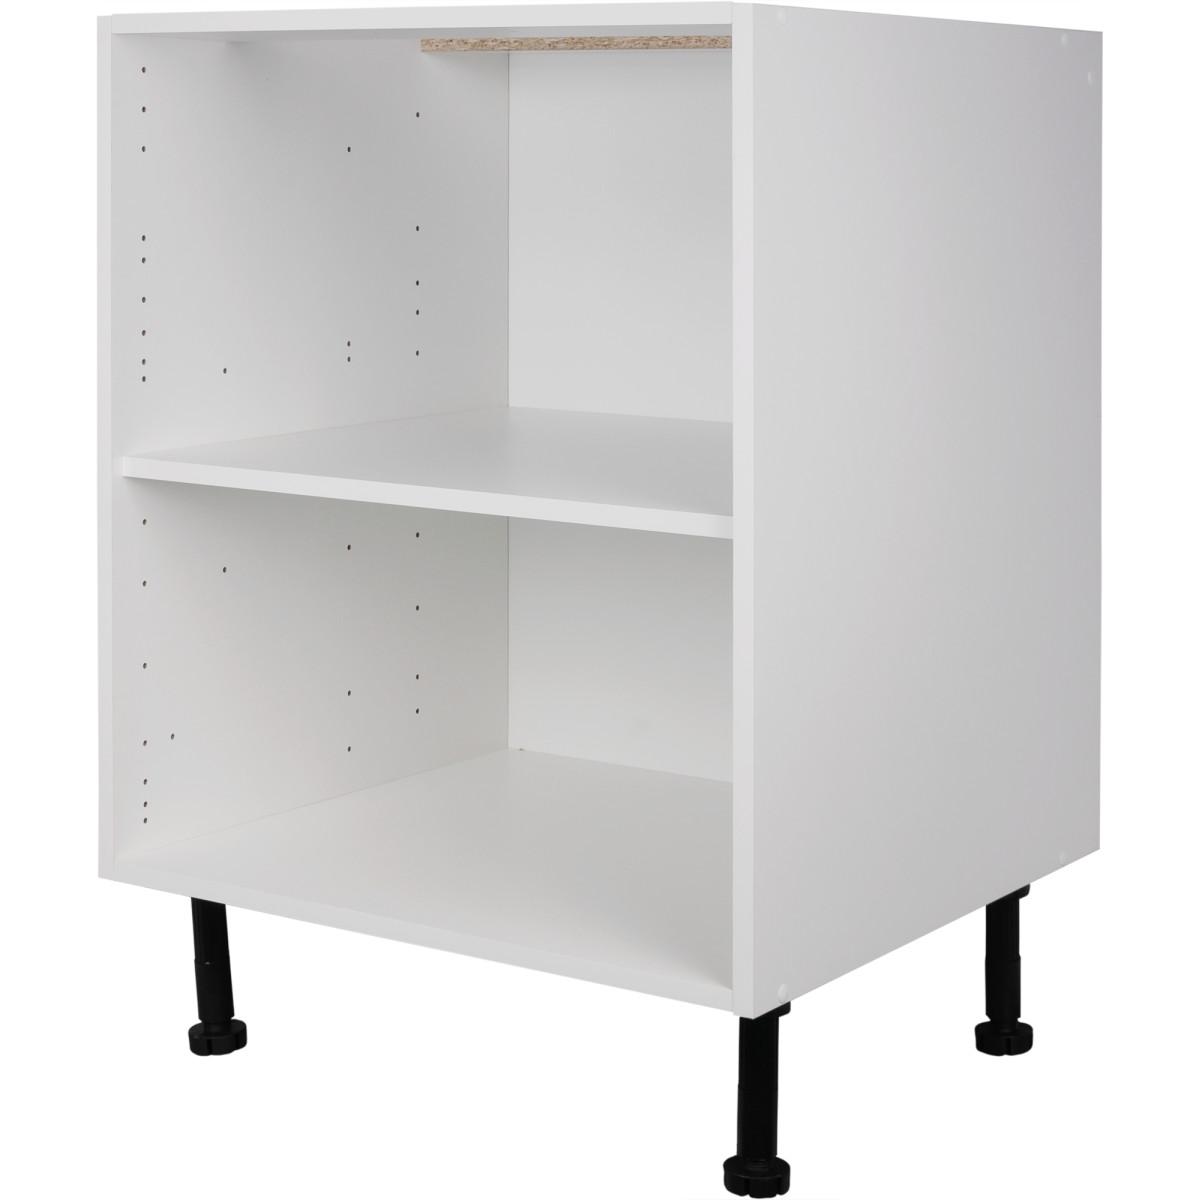 Каркас напольный 60x70x56 см ЛДСП цвет белый